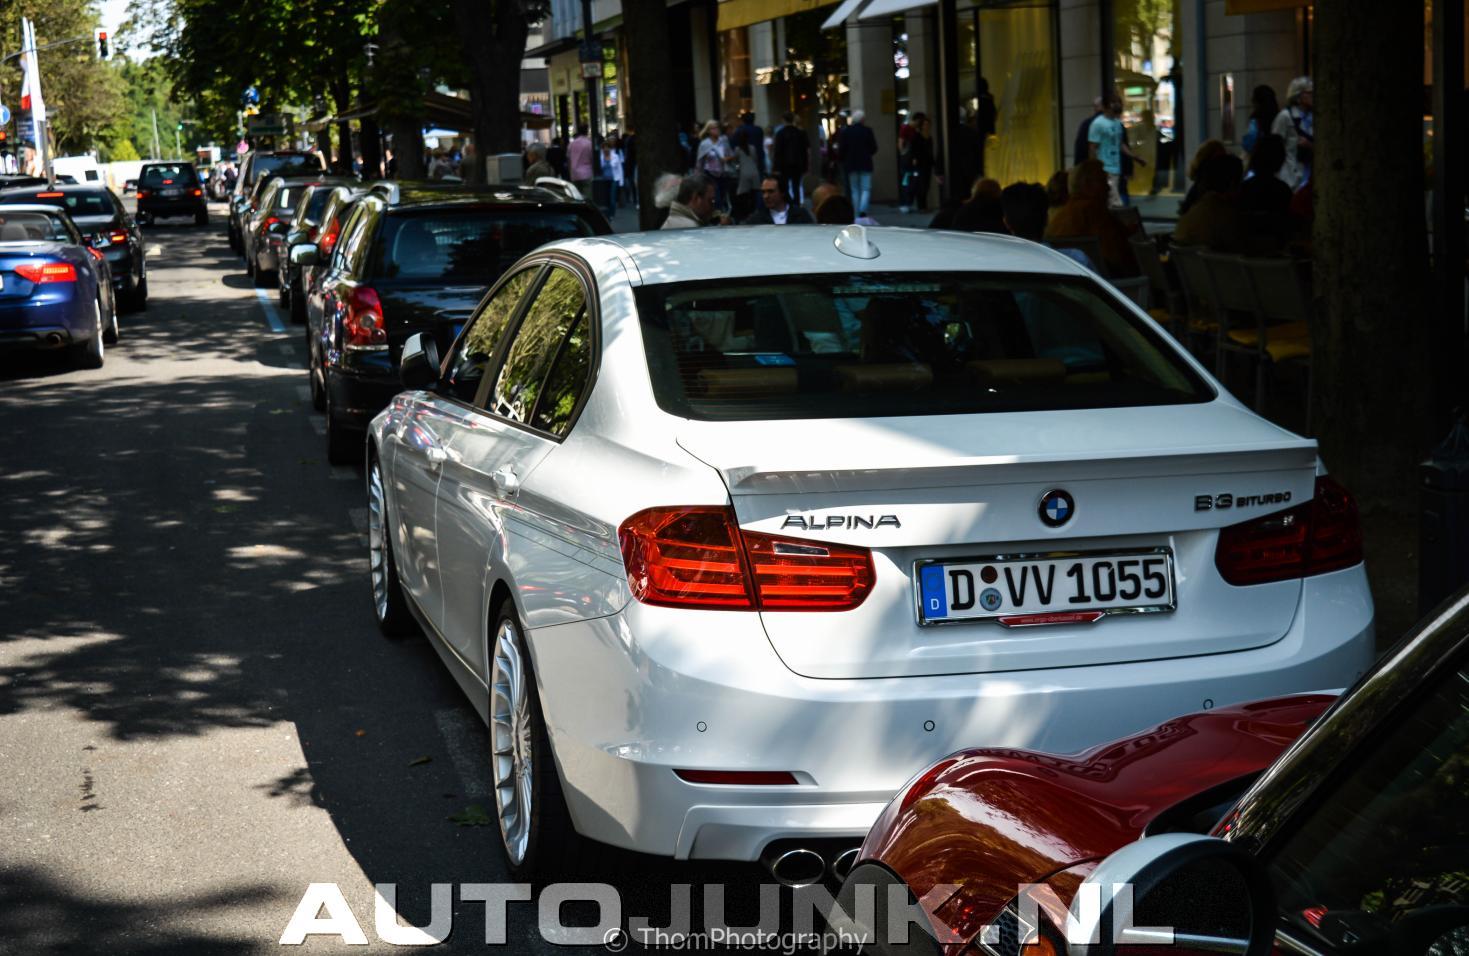 Alpina b3 2013 foto's » autojunk.nl (177053)